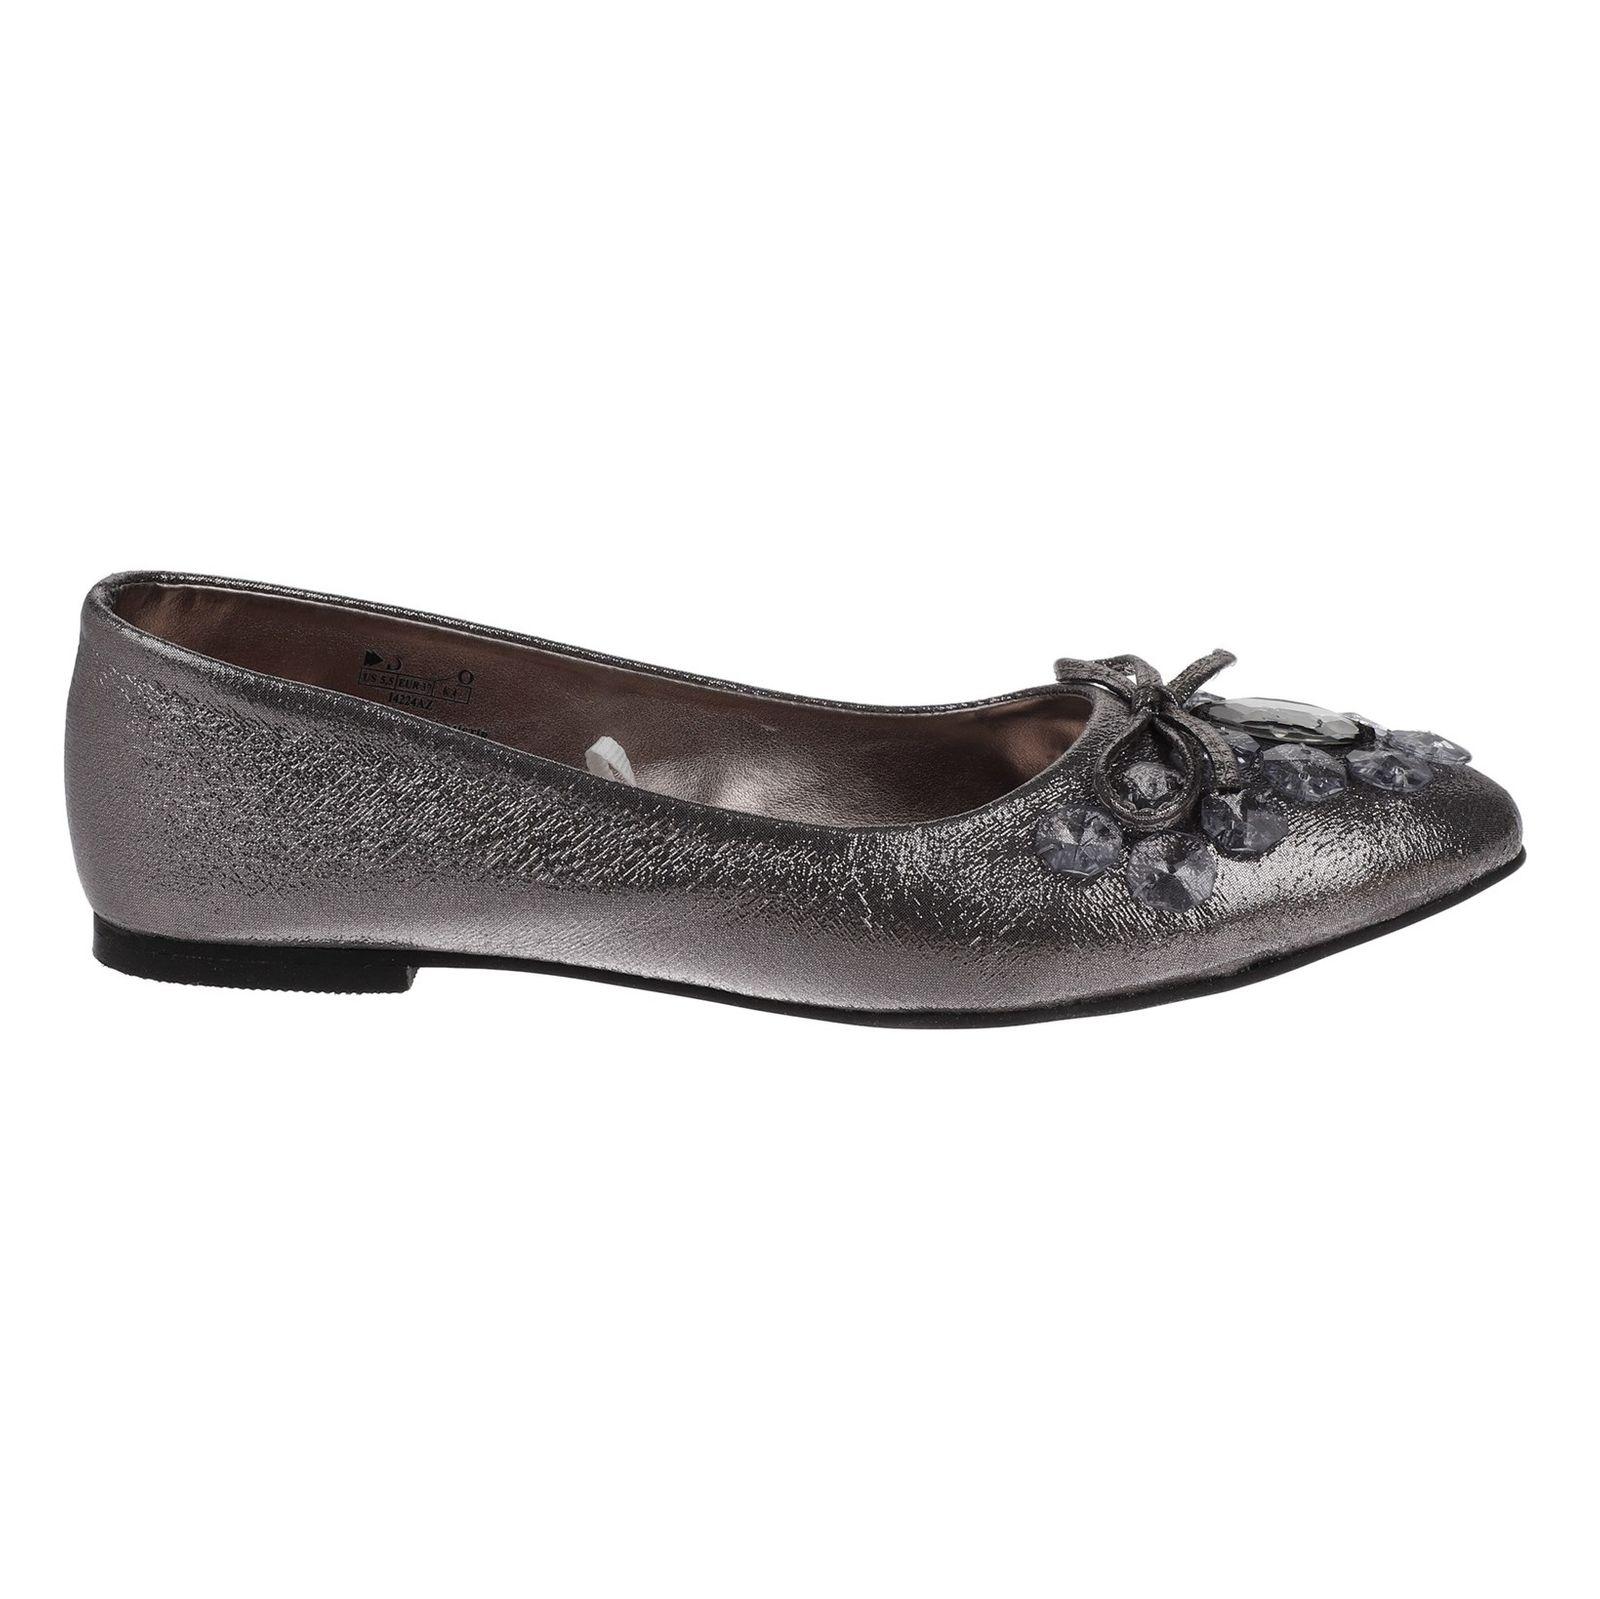 کفش تخت زنانه - دفکتو - نقراه اي براق - 1